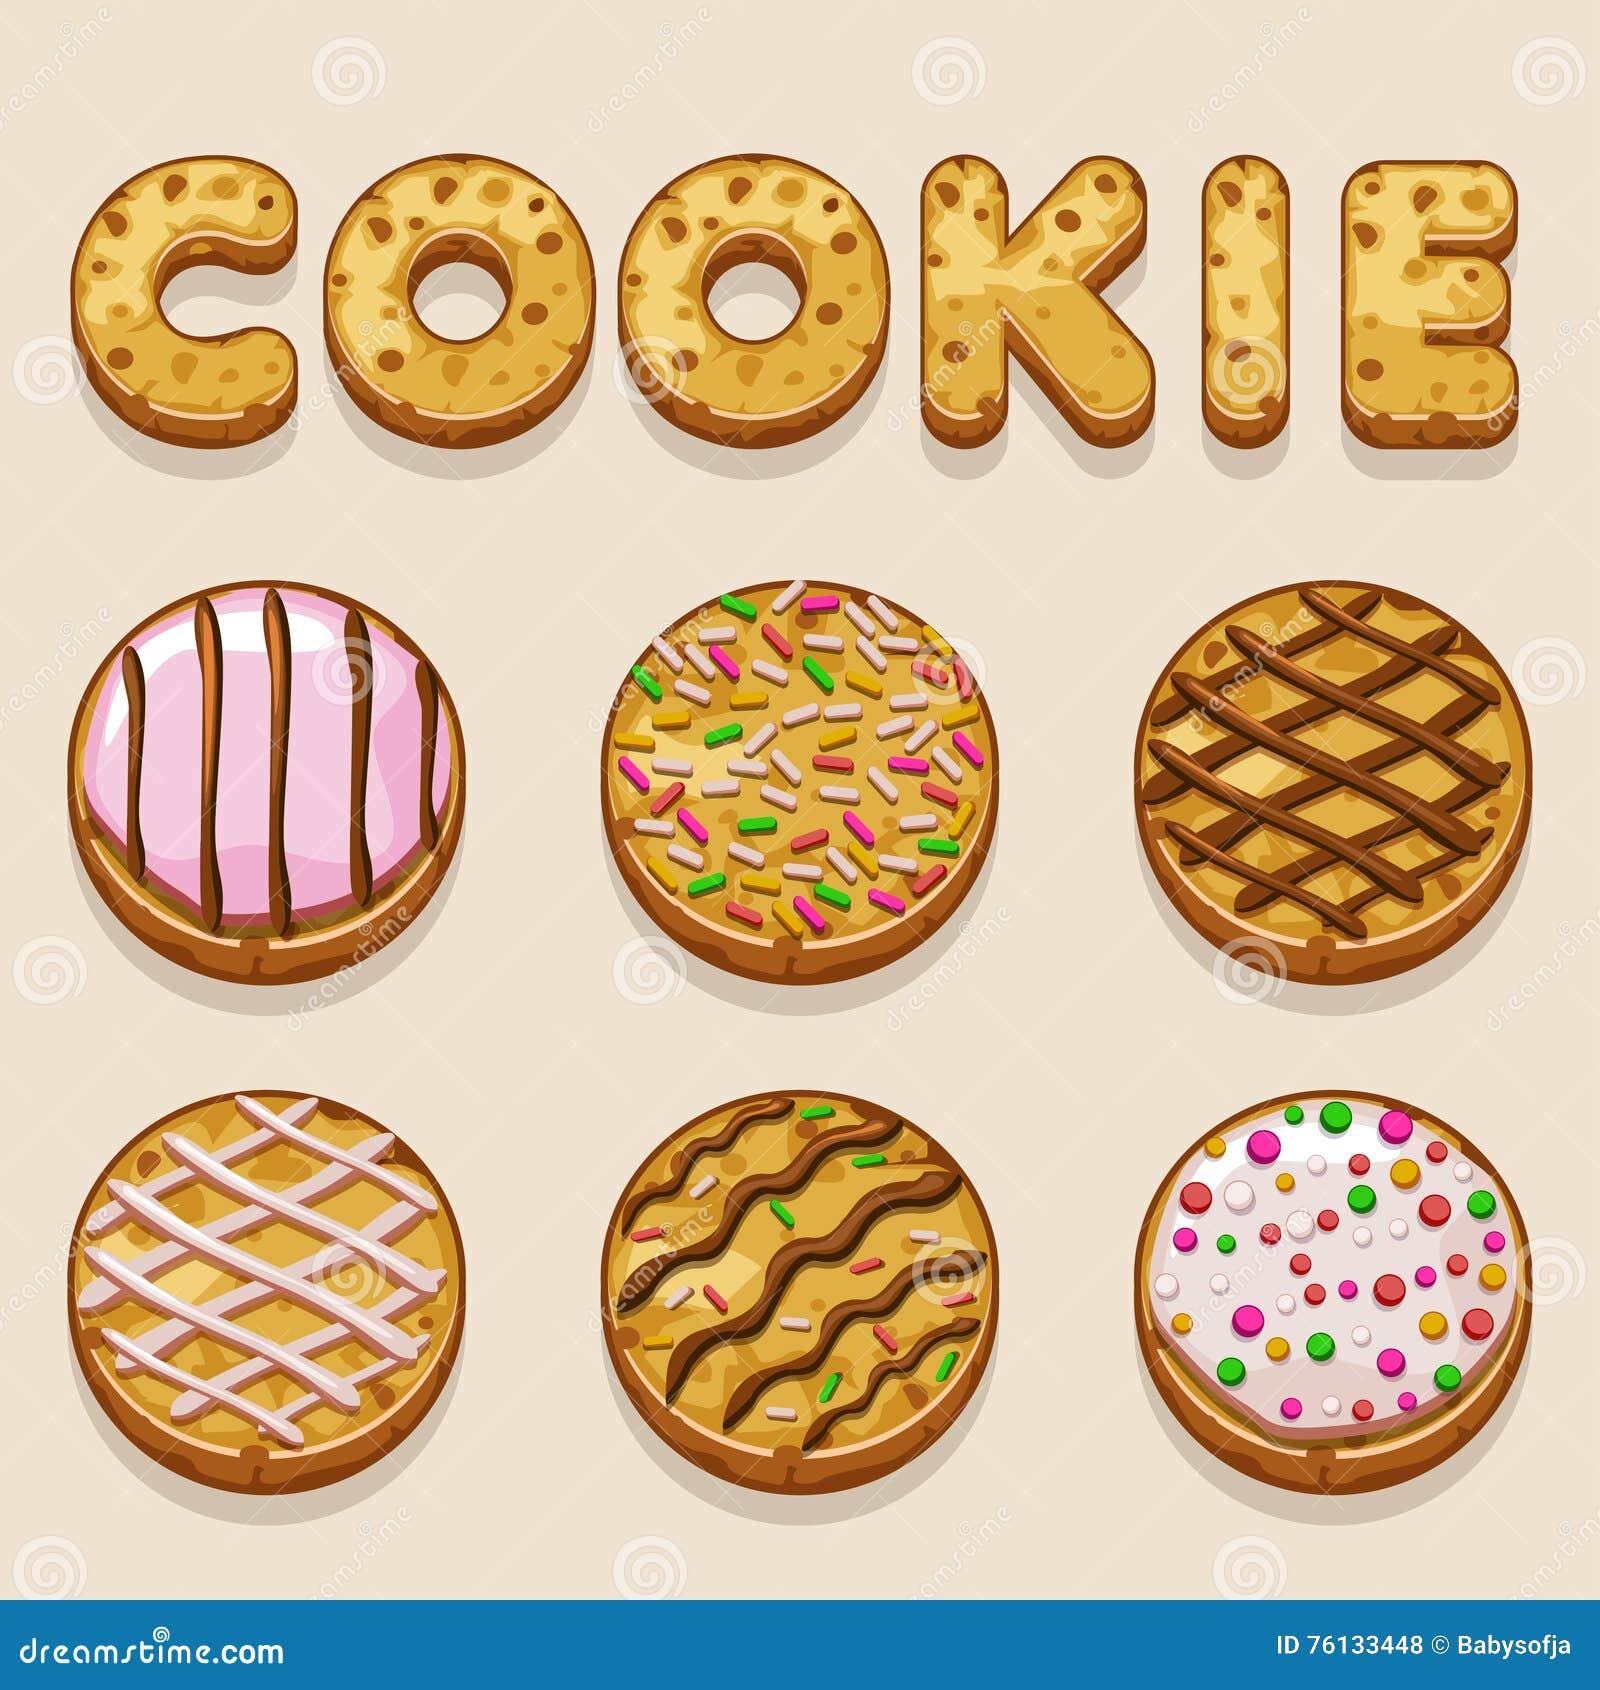 cartoon cookie biskvit vector food letters stock vector image cartoon cookie biskvit vector food letters